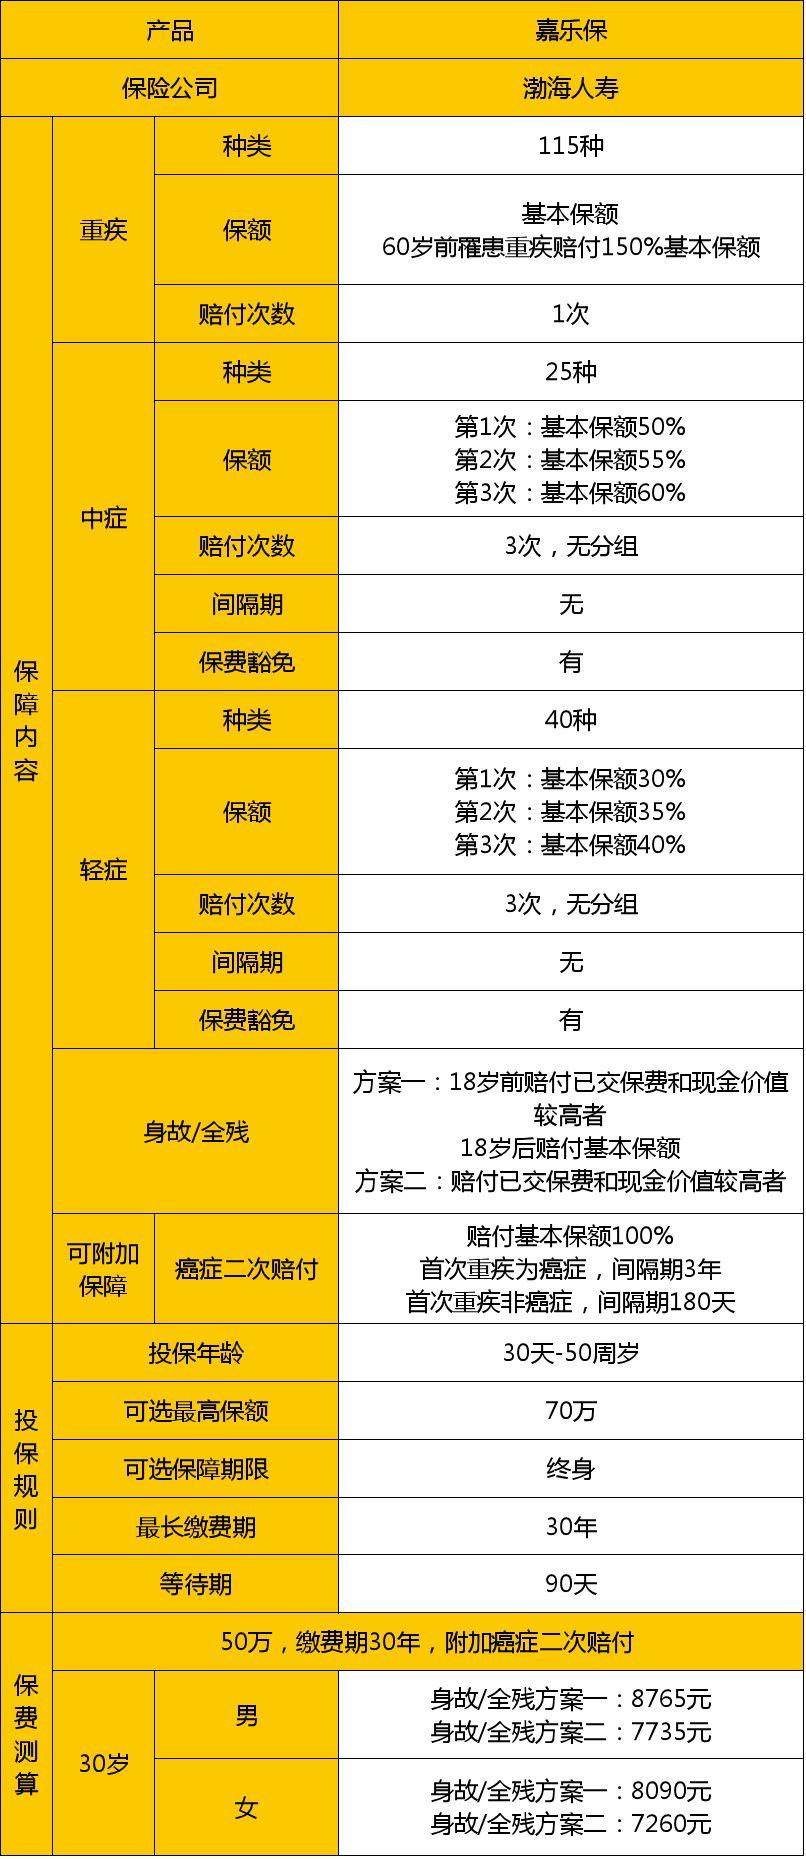 渤海人寿嘉乐保产品形态